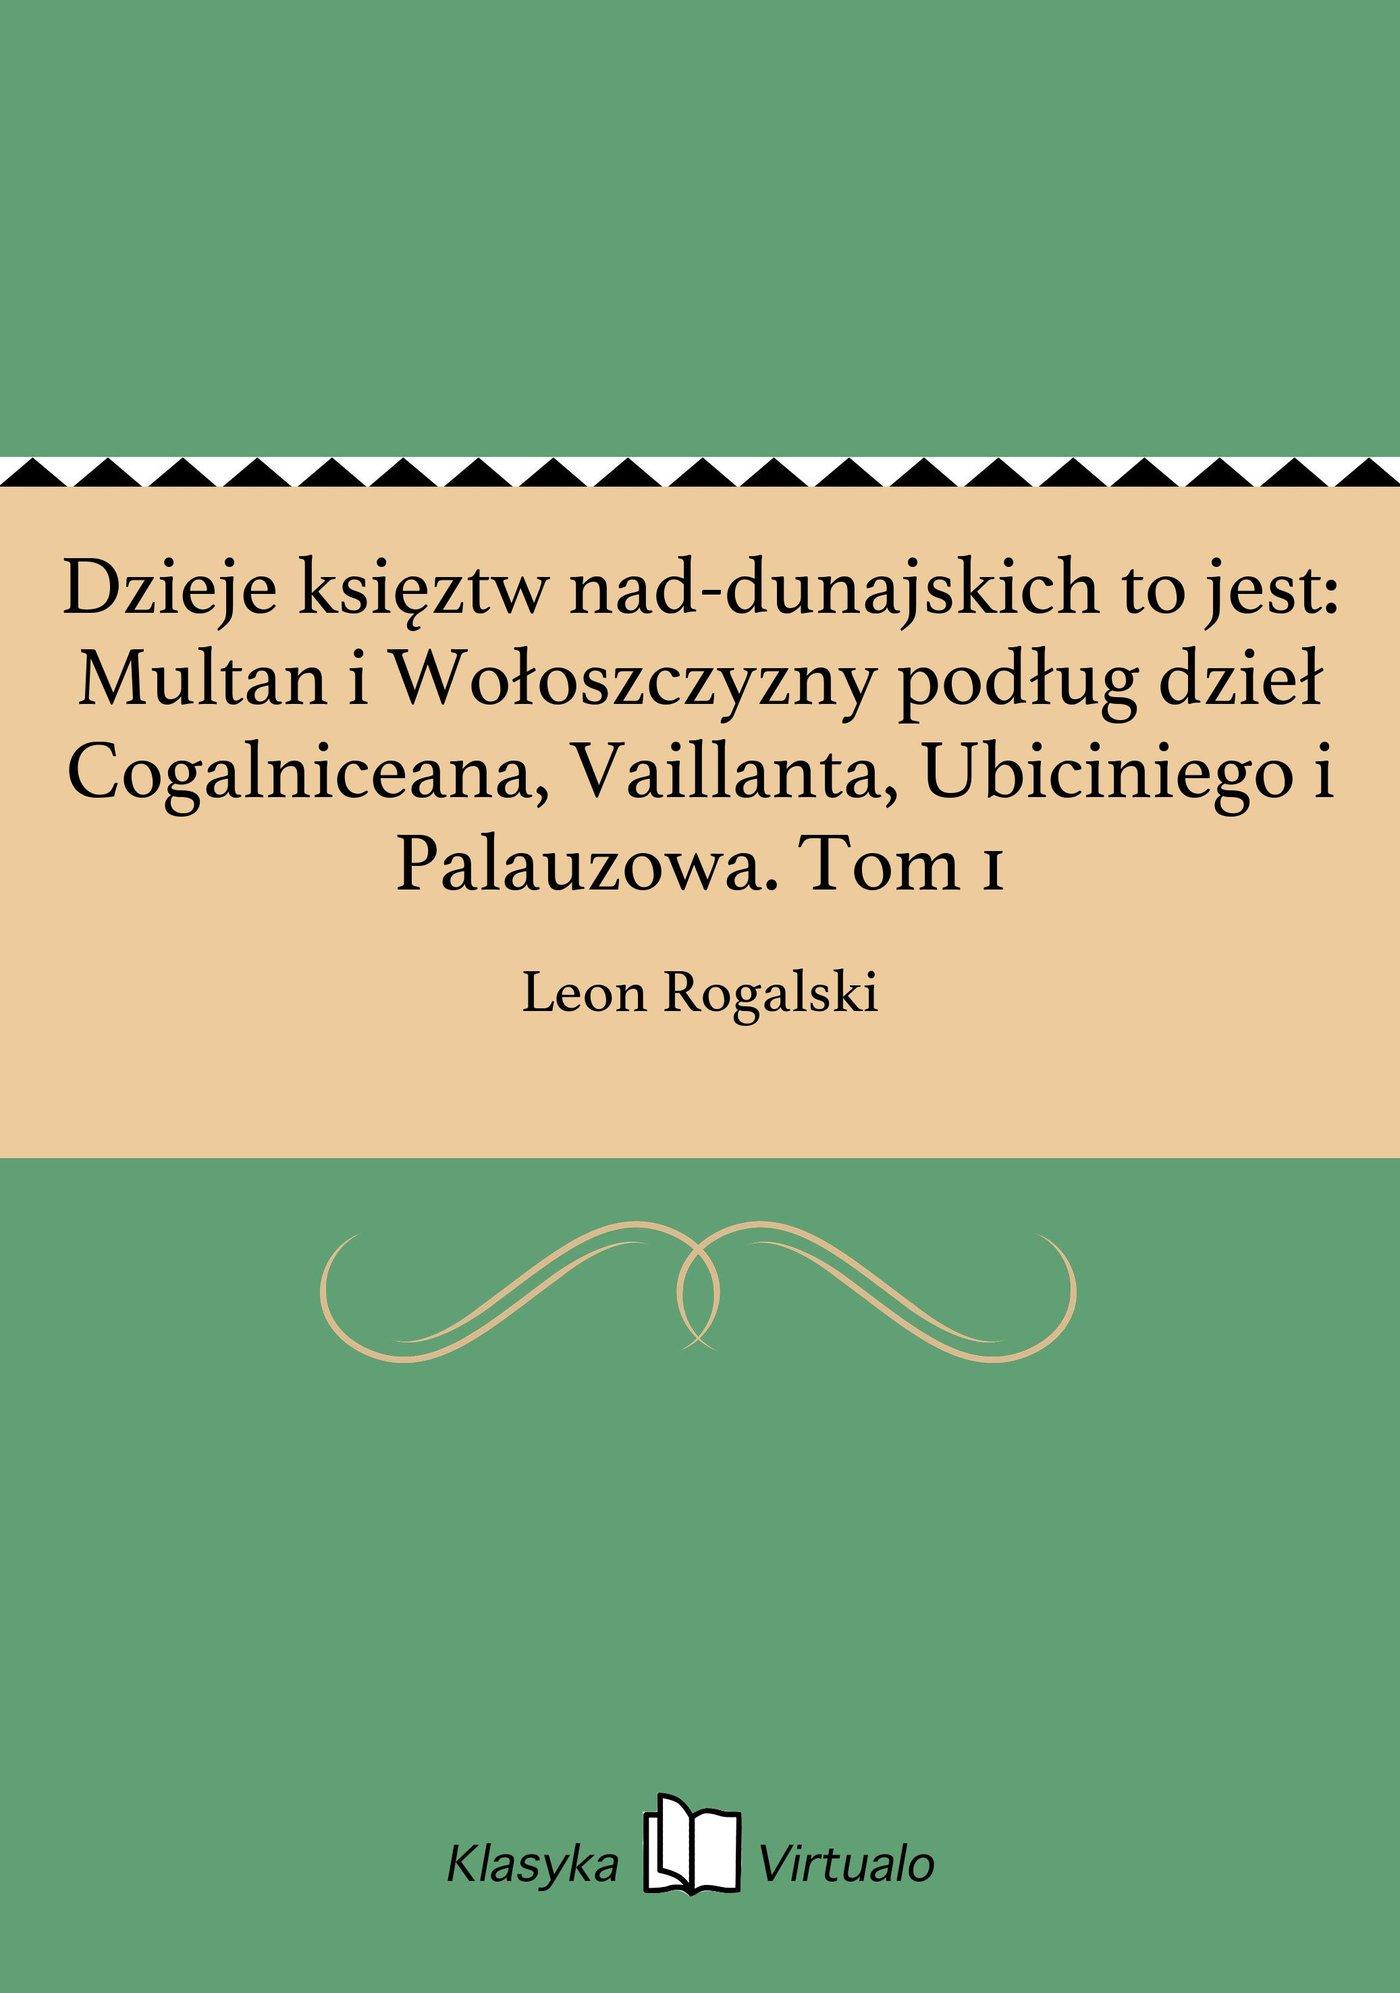 Dzieje księztw nad-dunajskich to jest: Multan i Wołoszczyzny podług dzieł Cogalniceana, Vaillanta, Ubiciniego i Palauzowa. Tom 1 - Ebook (Książka na Kindle) do pobrania w formacie MOBI